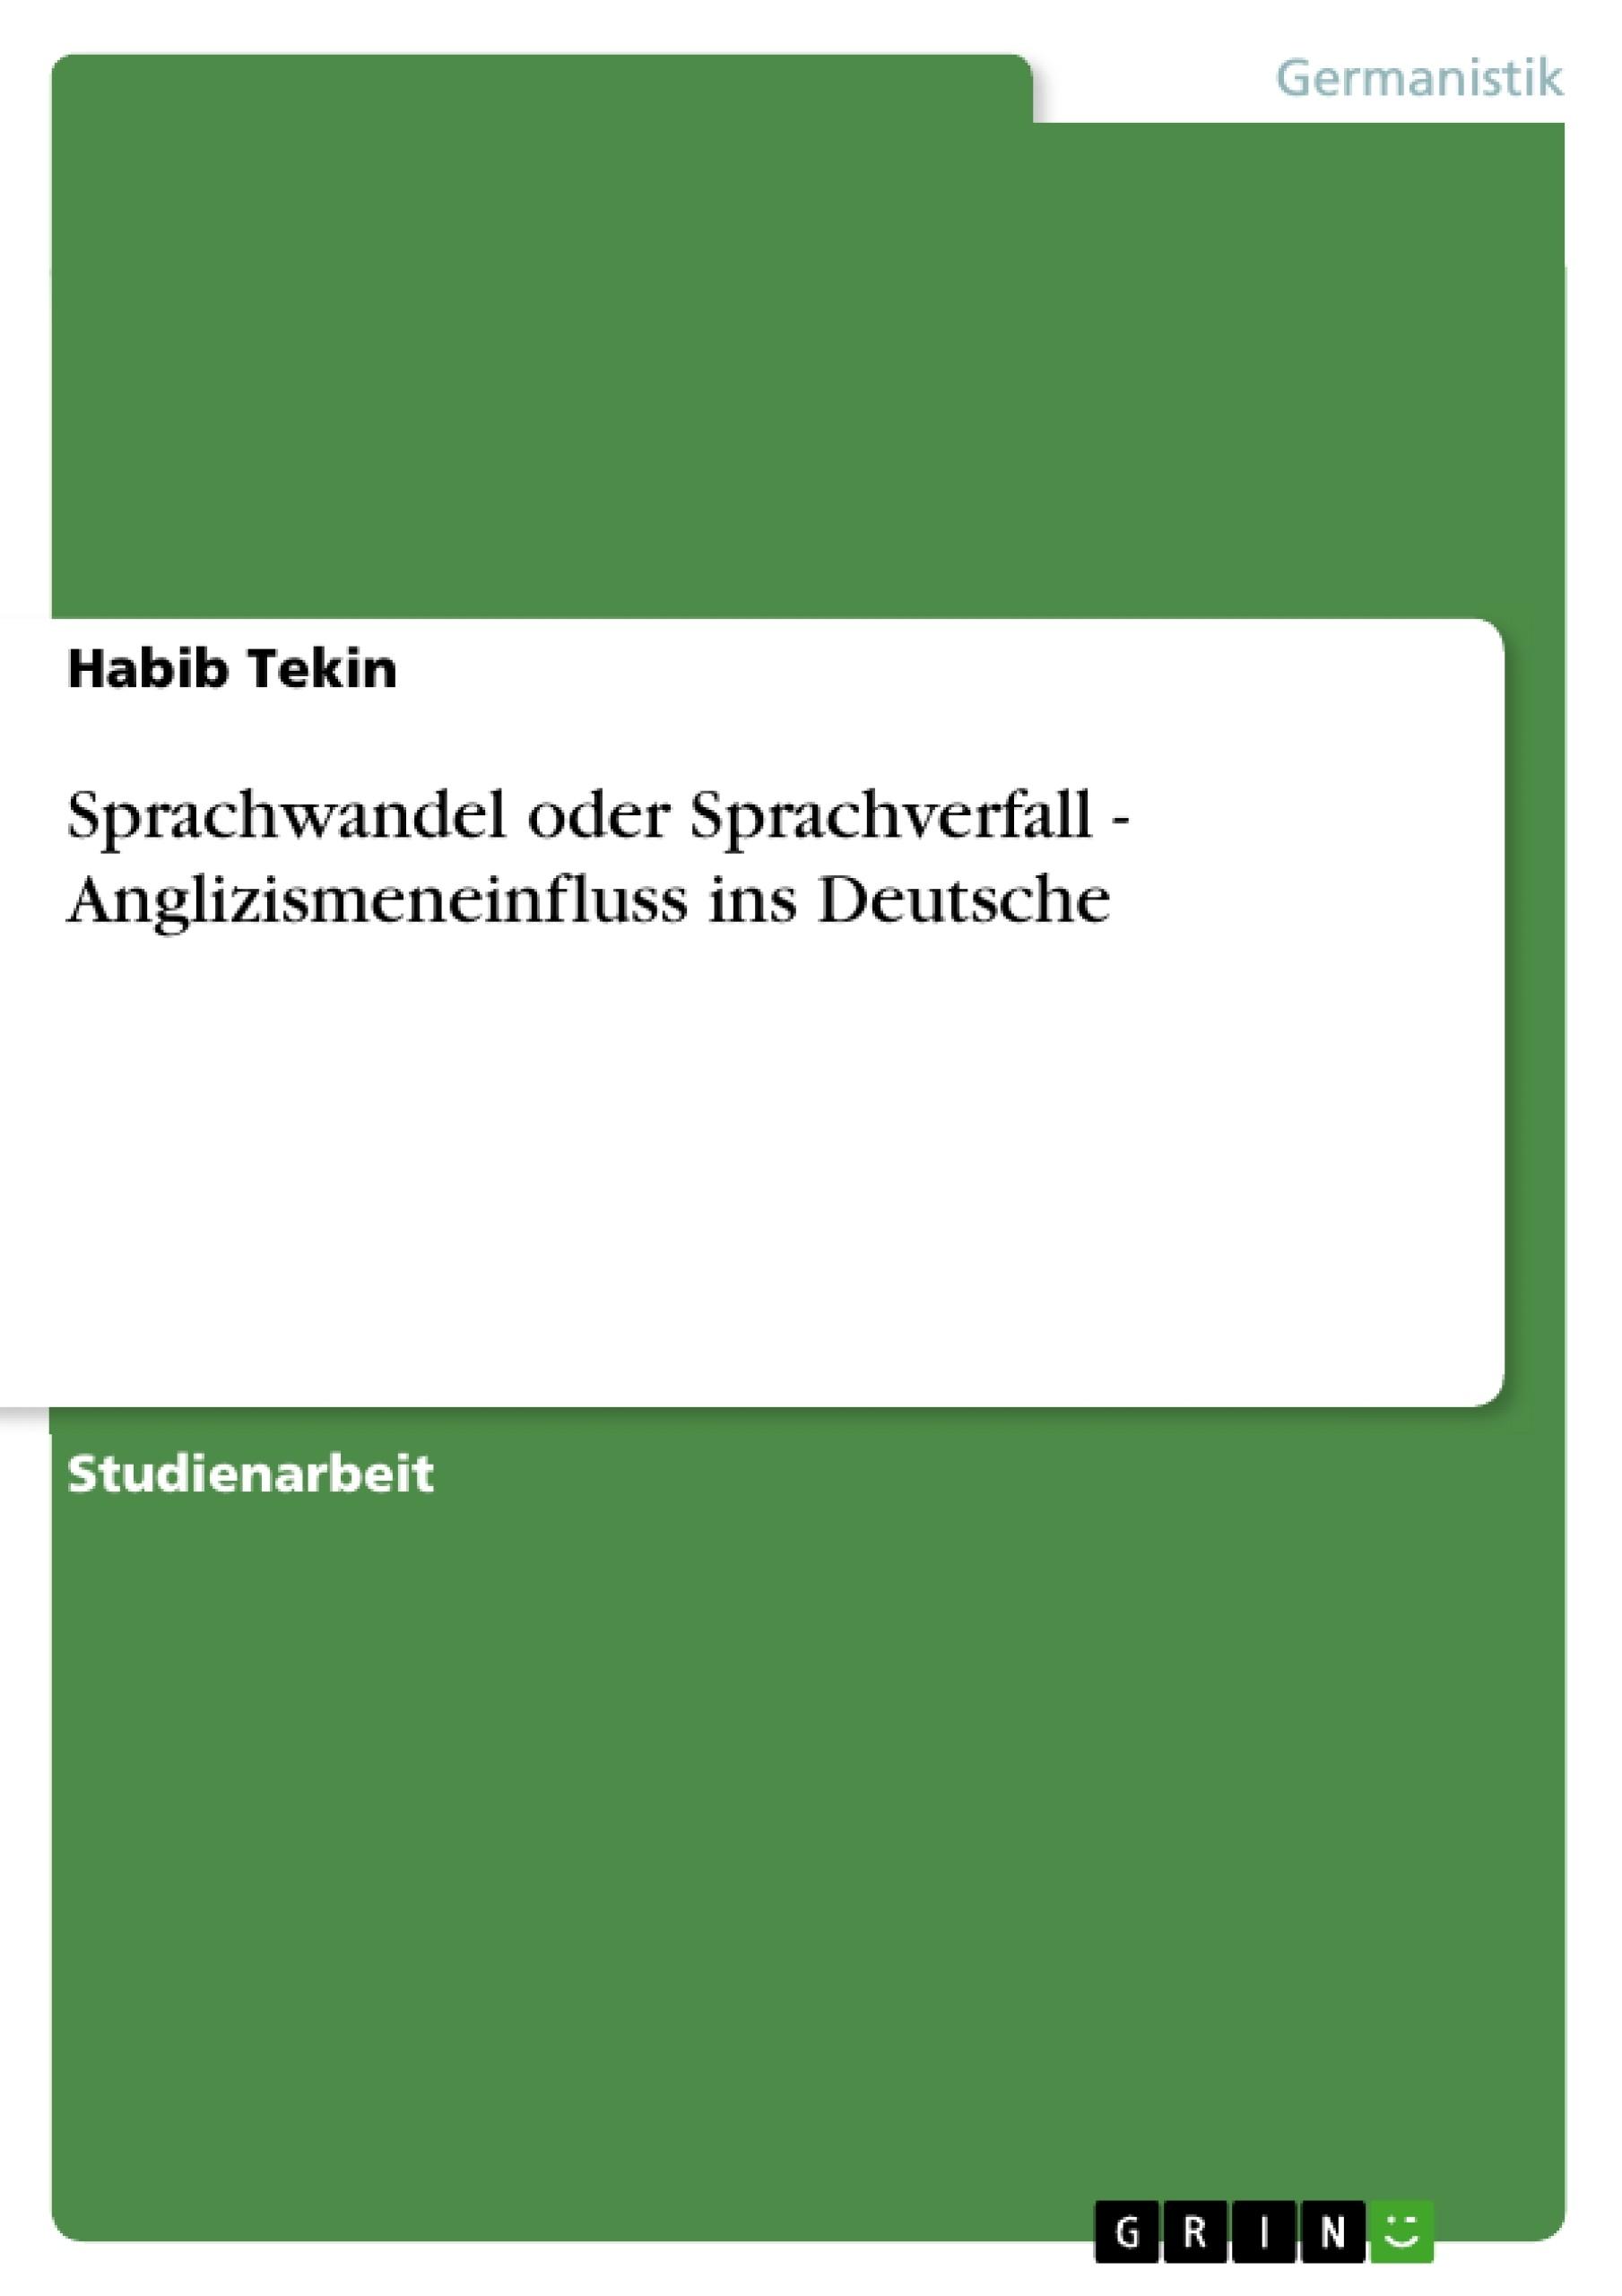 Titel: Sprachwandel oder Sprachverfall - Anglizismeneinfluss ins Deutsche